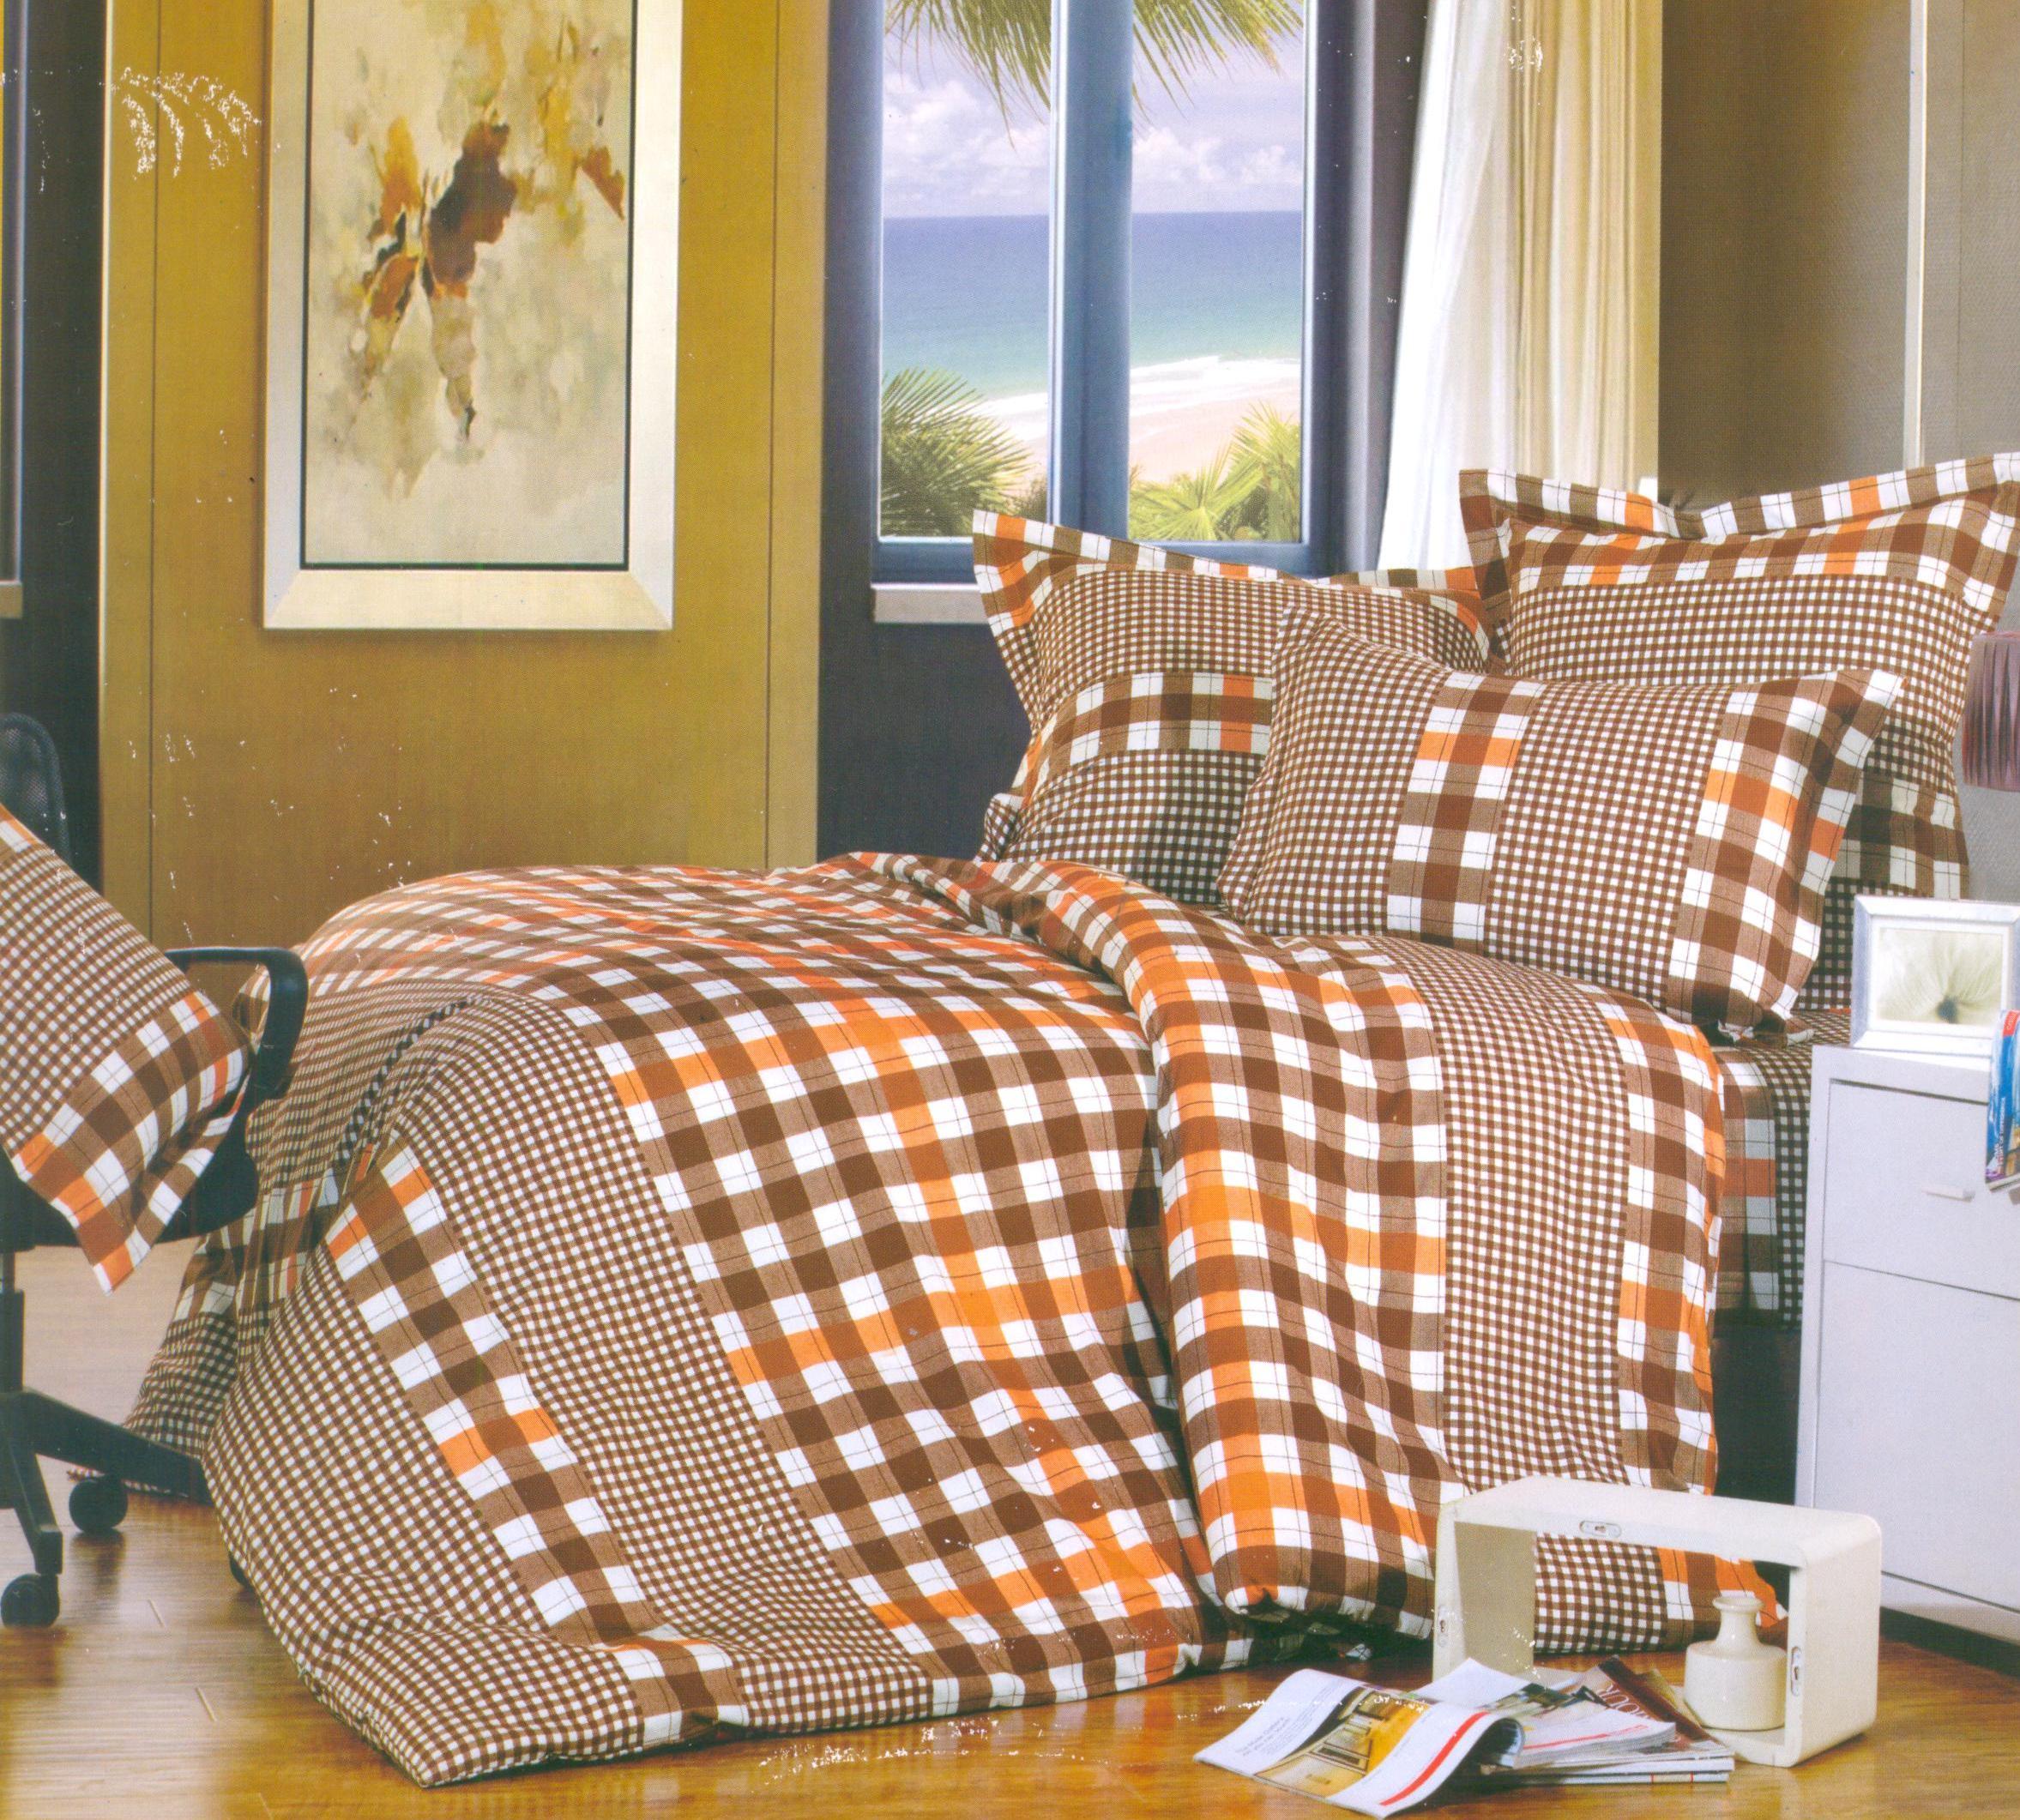 Купить Комплекты постельного белья СайлиД, Постельное белье Massimo A/s-154(1) (2 сп. евро), Китай, Бежевый, Коричневый, Кремовый, Поплин